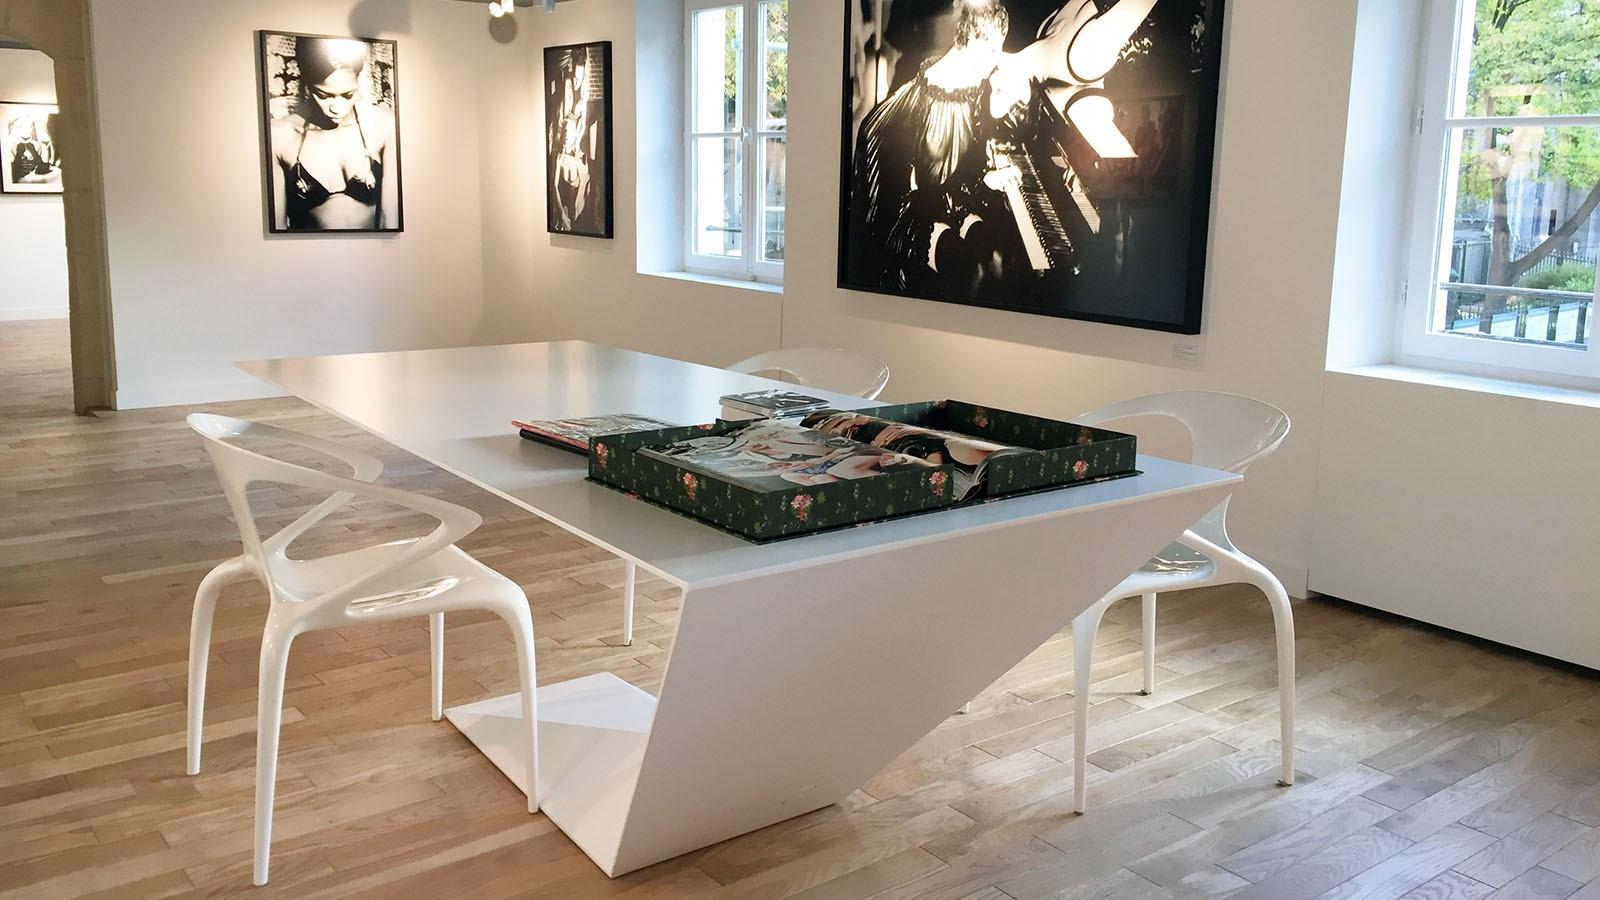 Libraire La Hune Saint Germain Des Pres Efi Design (3)